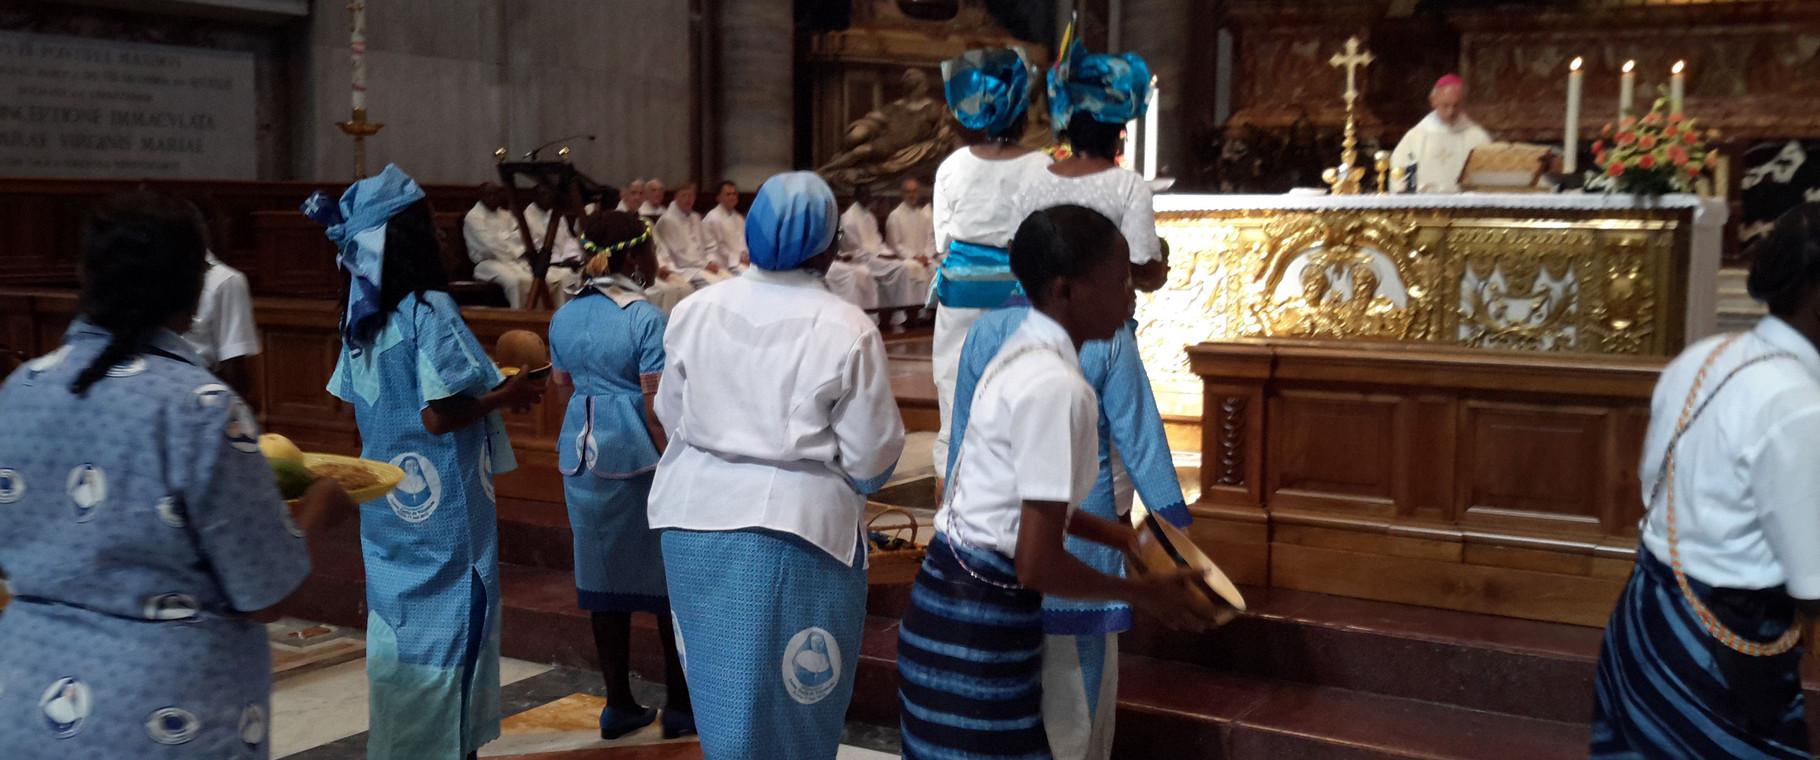 Ofertorio de la misa de Acción de Gracias en el Vaticano.